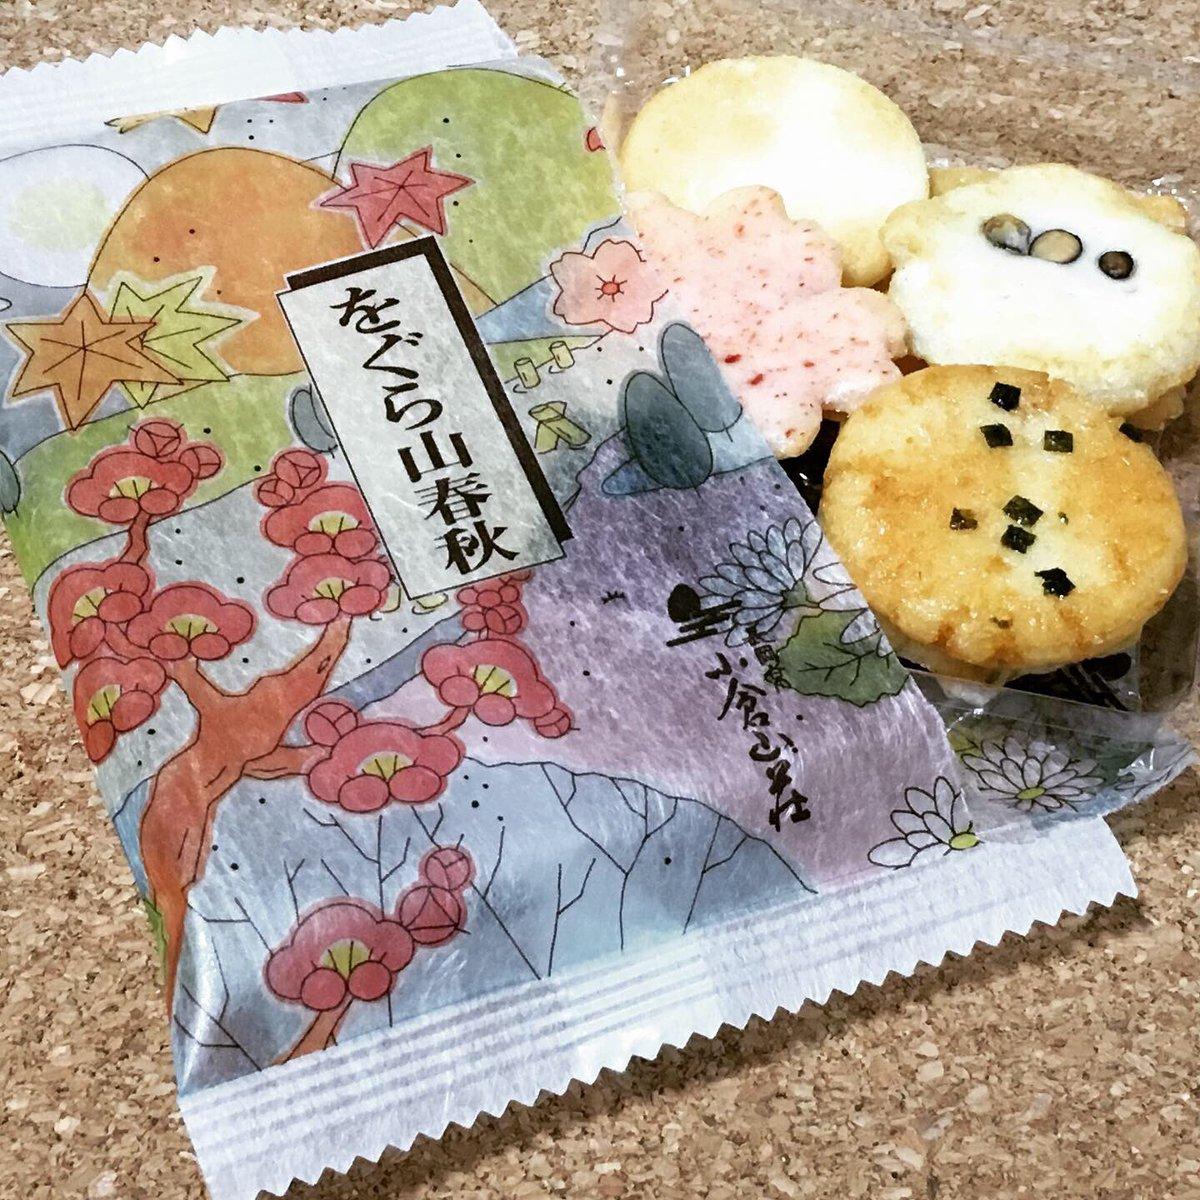 test ツイッターメディア - 小倉山荘のおかきって美味しいですよね✨  いろいろ入ってておトク感満載😆 https://t.co/8jCmvHELC4